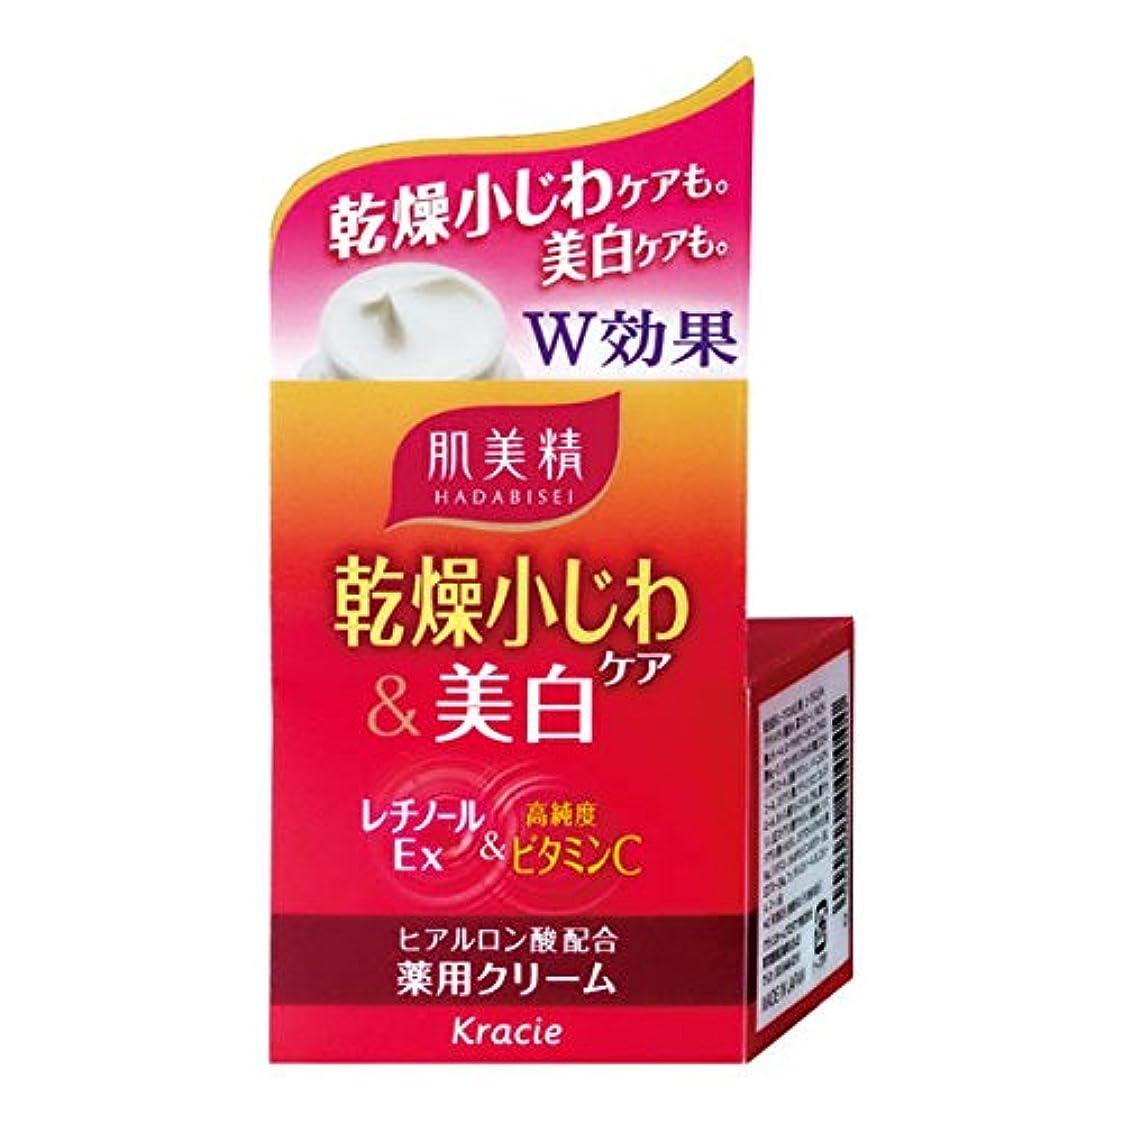 上がるくしゃみフルーツ肌美精 乾燥小じわケア&美白 薬用クリーム 50g 【医薬部外品】